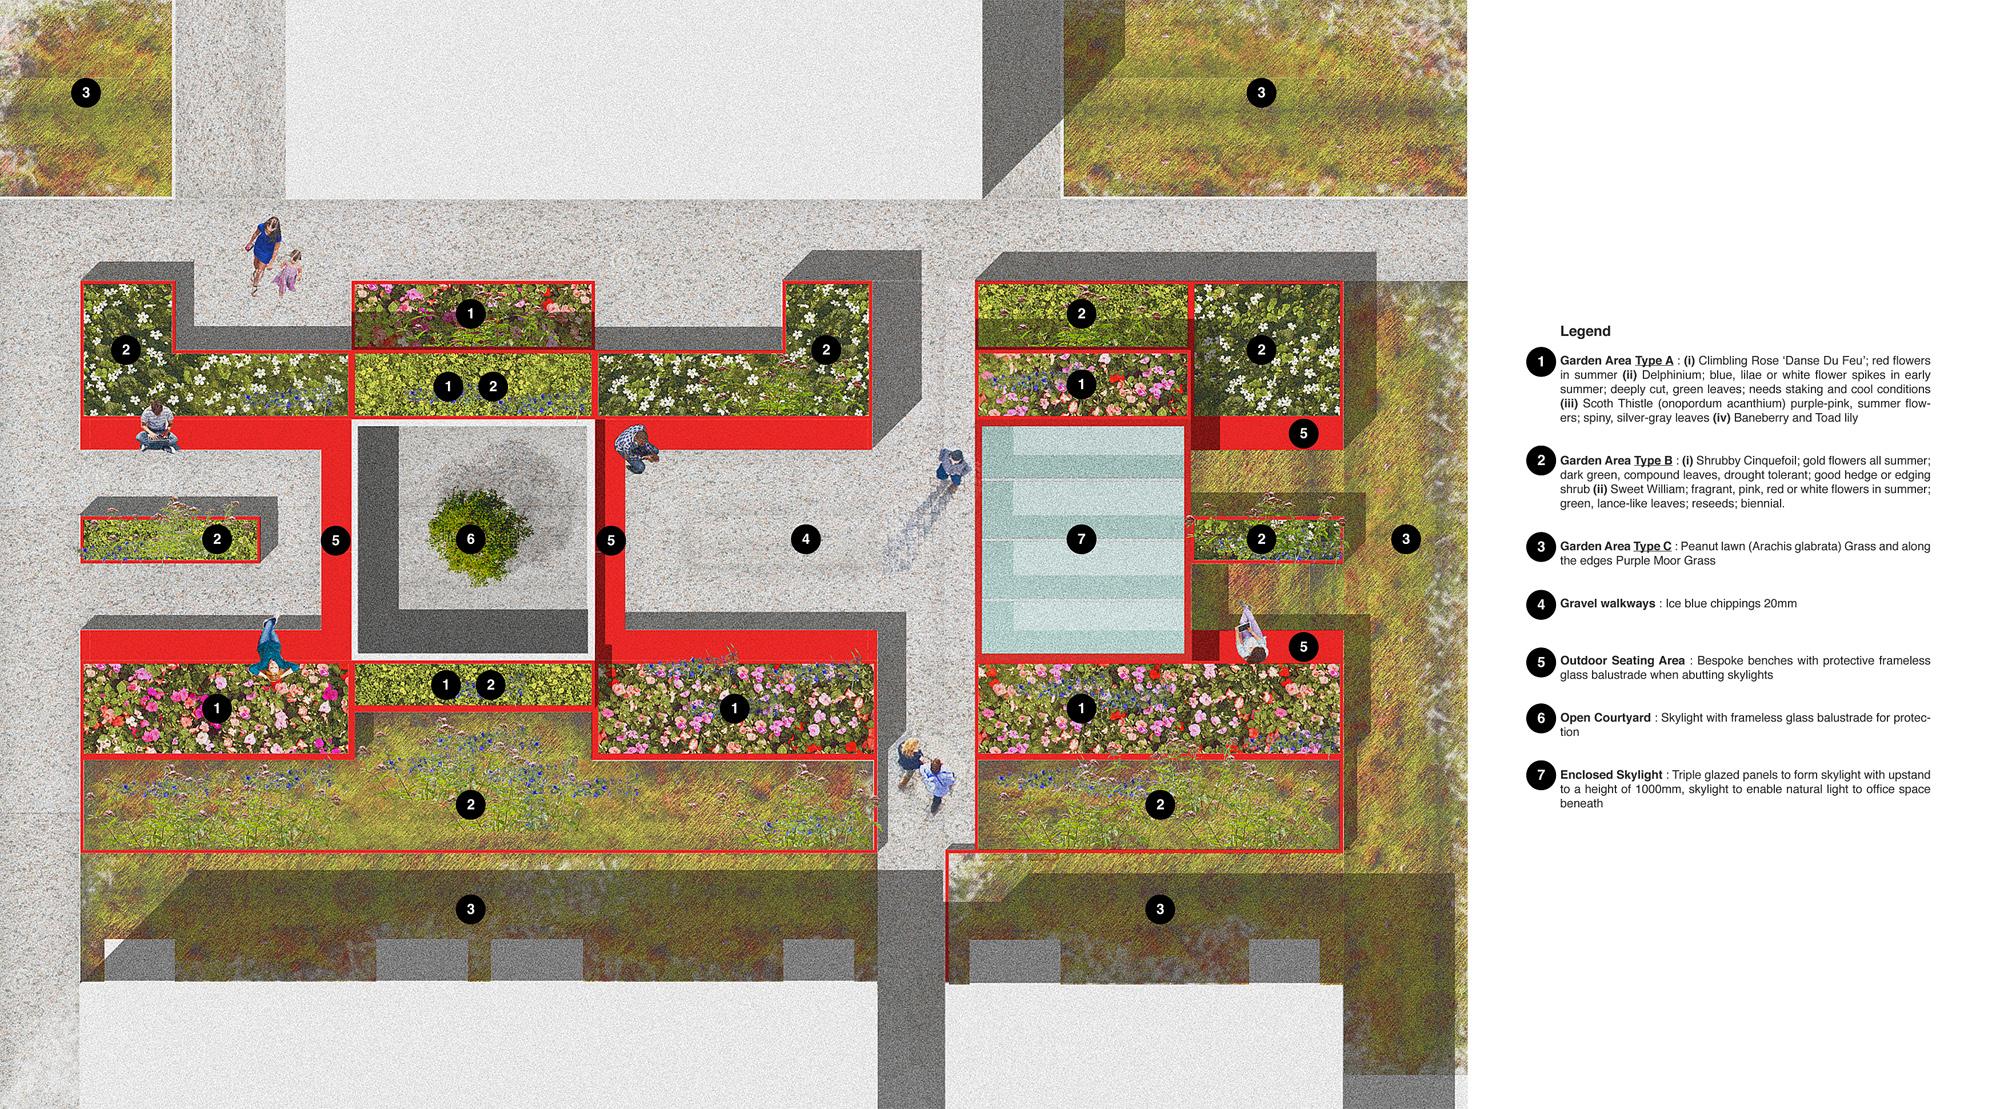 A15Landscape StrategyLayoulowres.jpg